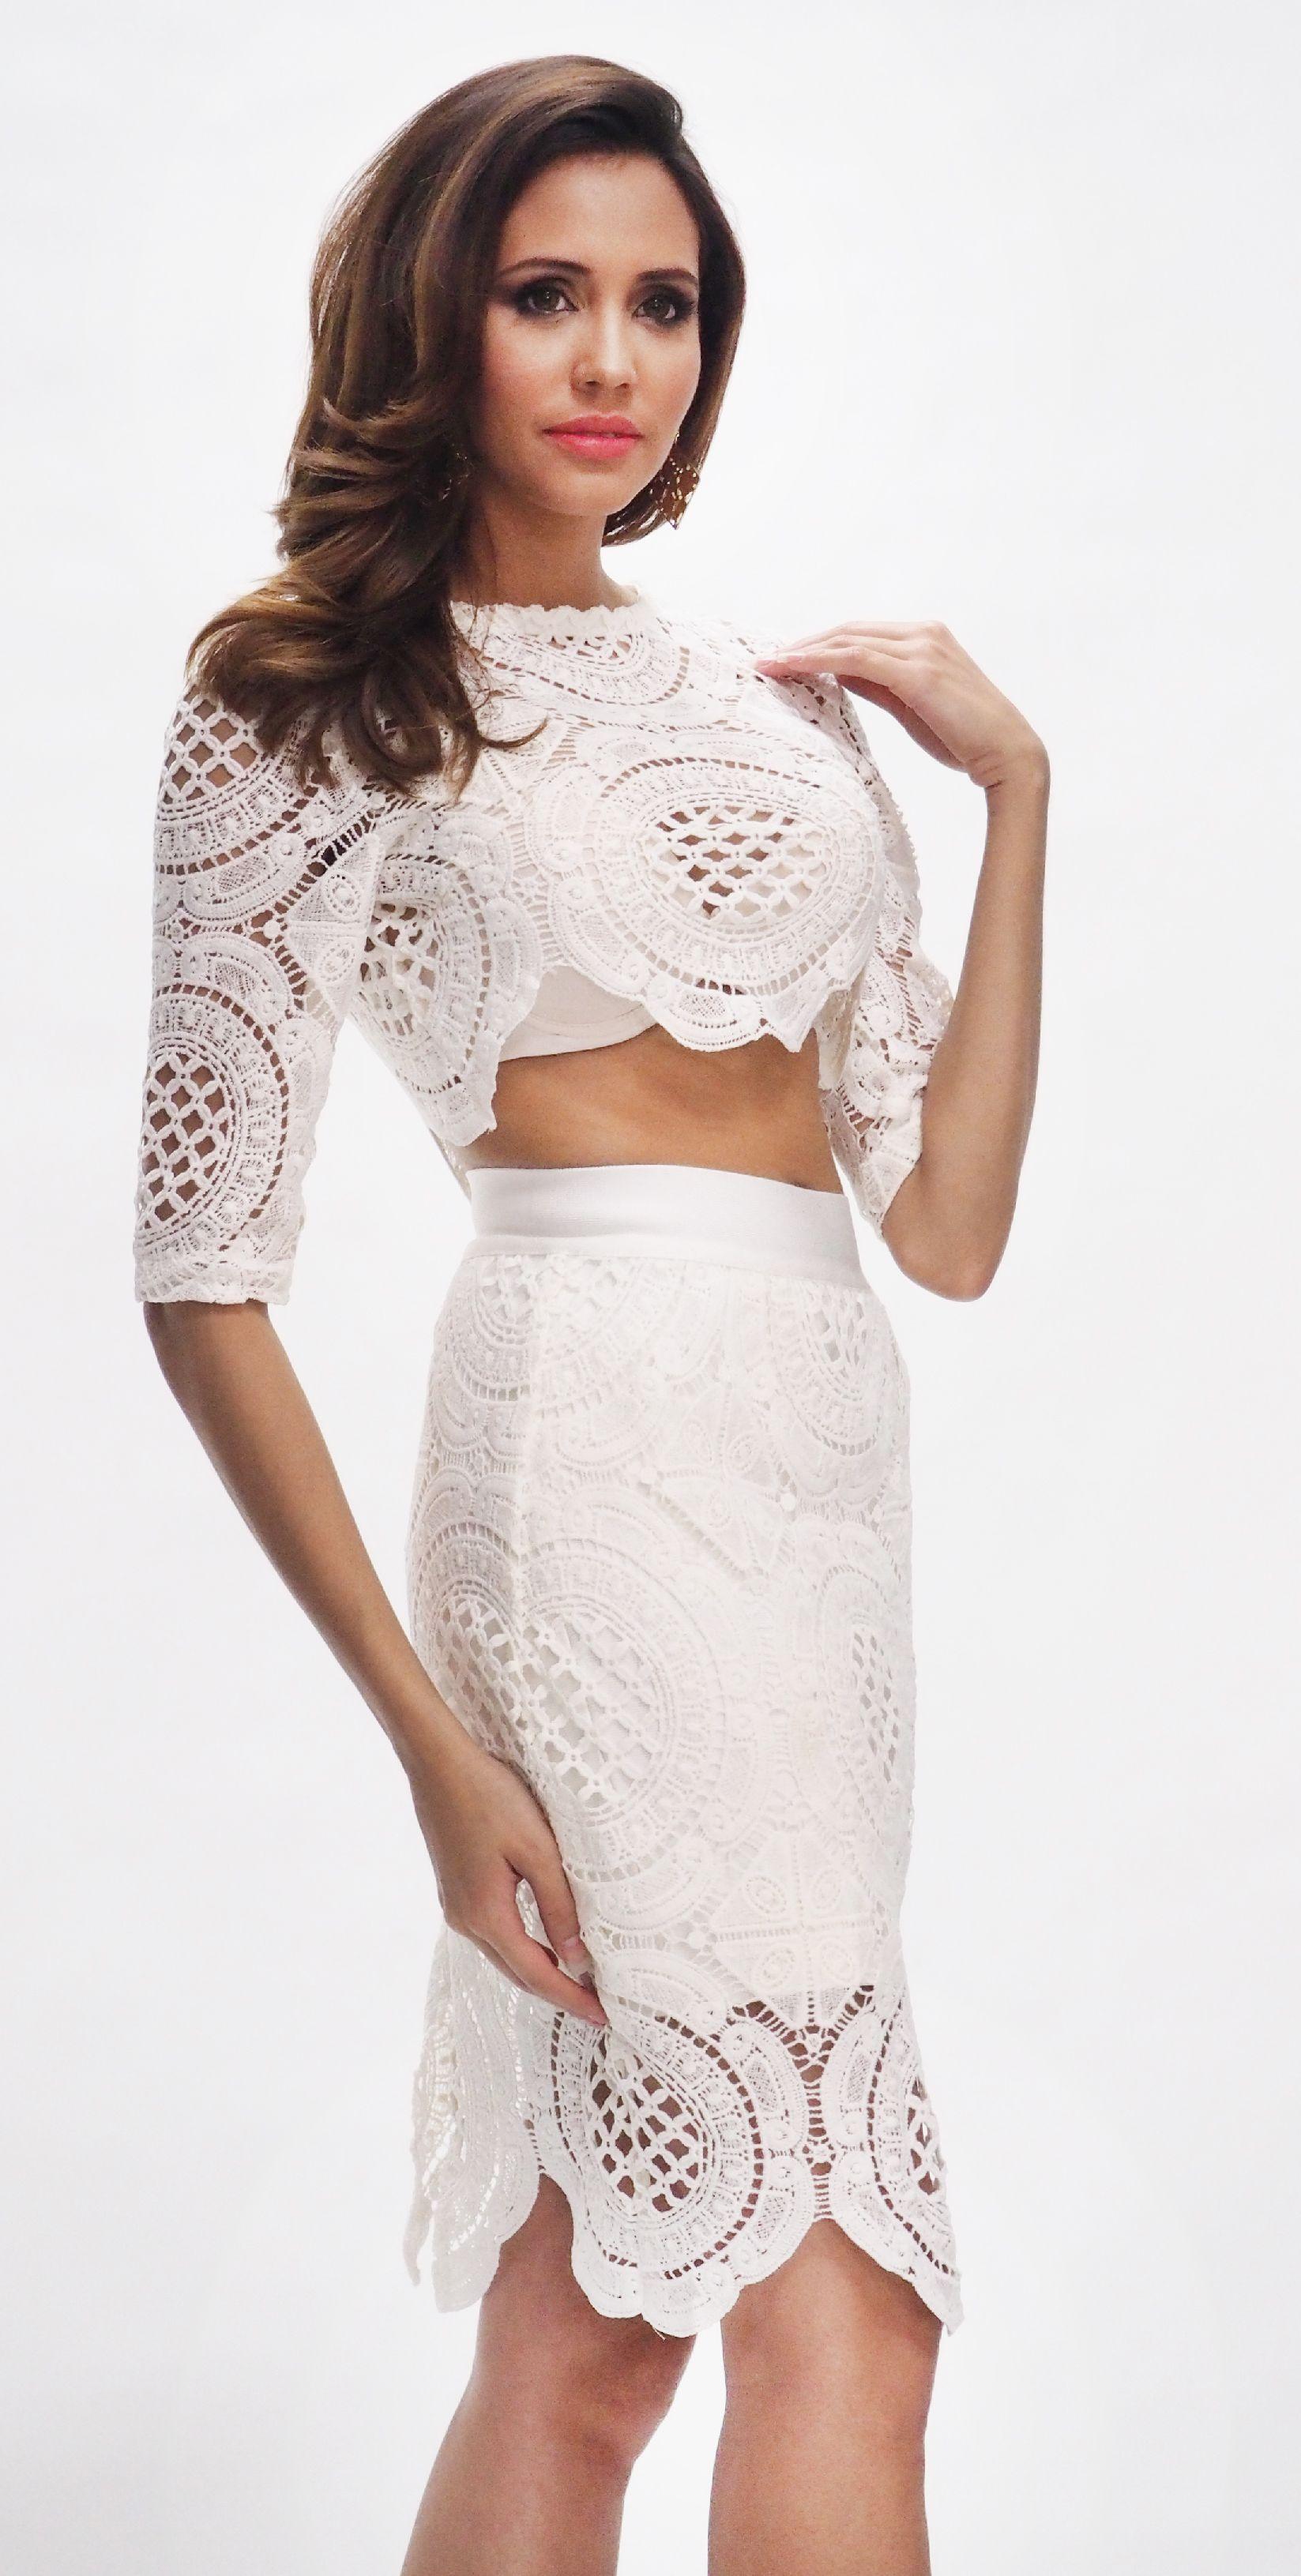 b8d0ecdb2e6 Two piece dress set + Lace + White   MUST OWN!